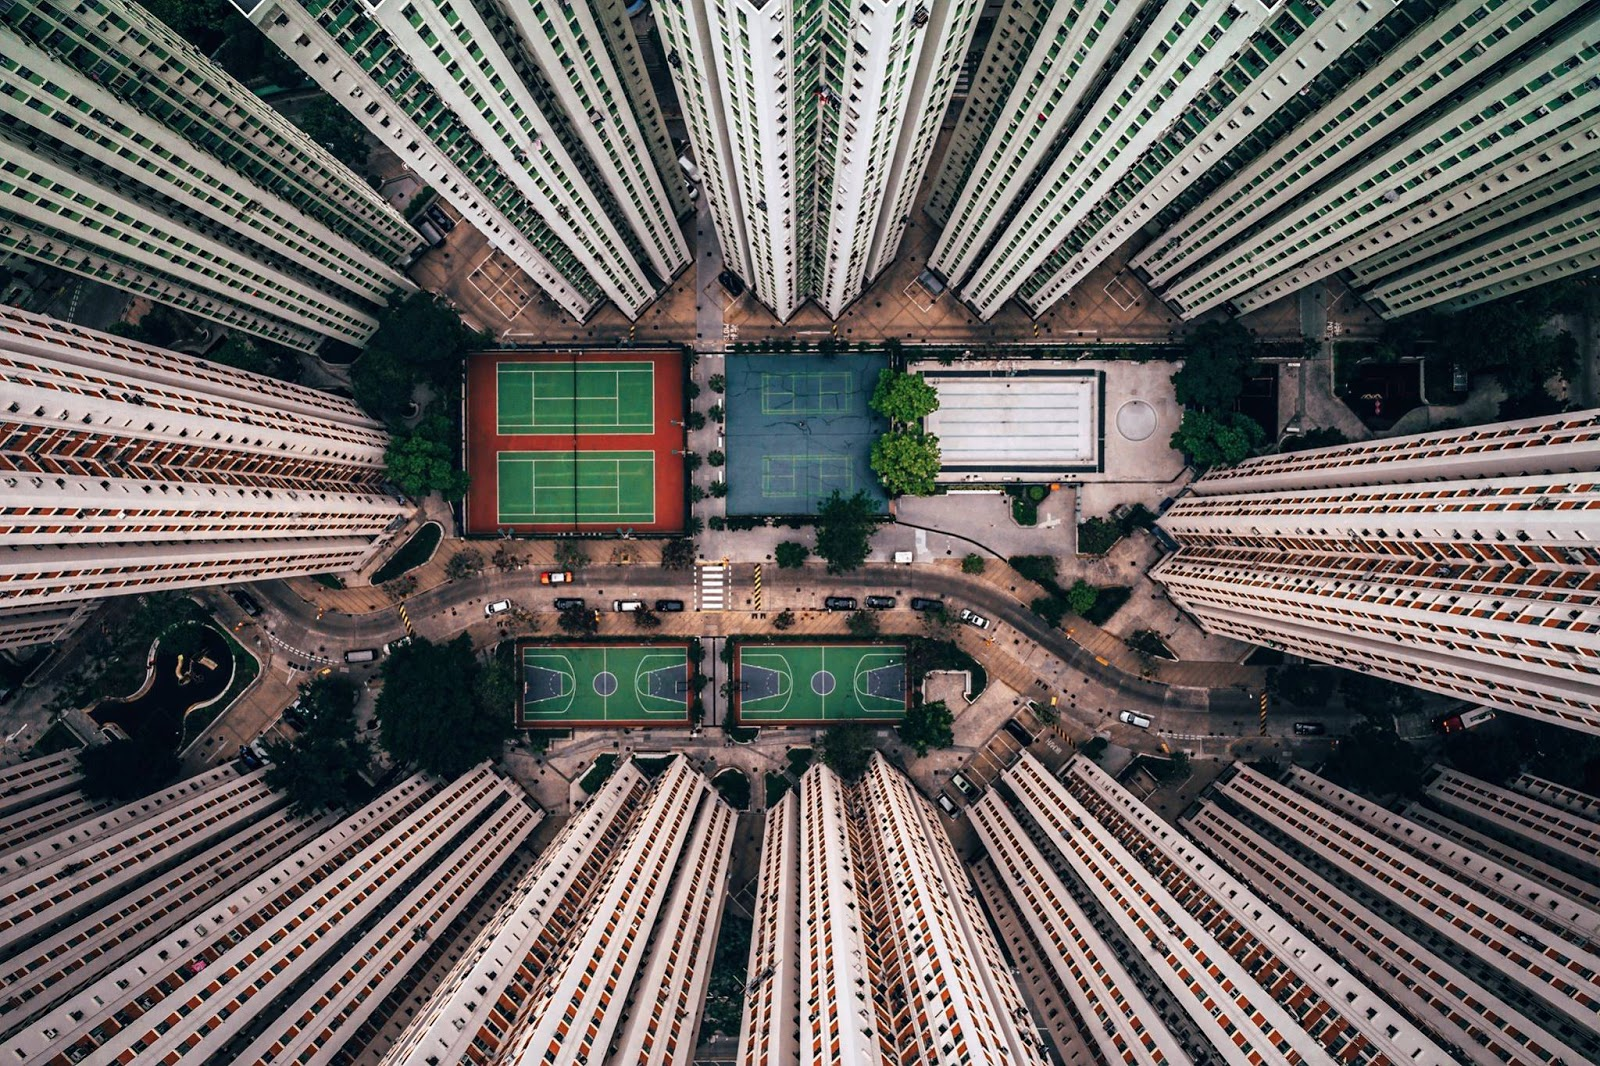 Hong Kong aus einem besonderen Blickwinkel | Die dystopisch ästhetisch anmutende Fotos von Gary Cummins